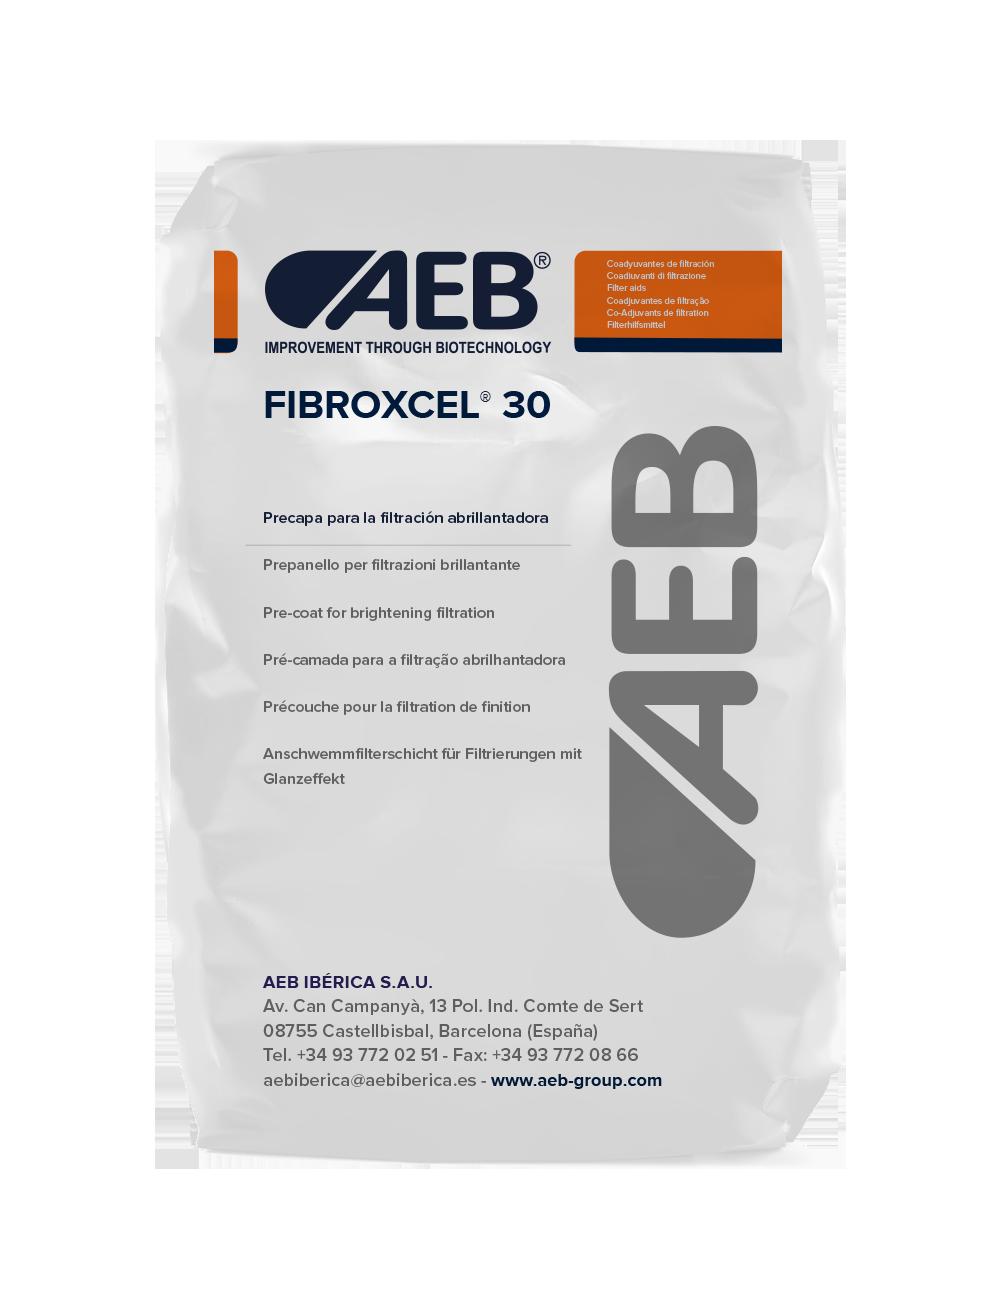 FIBROXCEL® 30